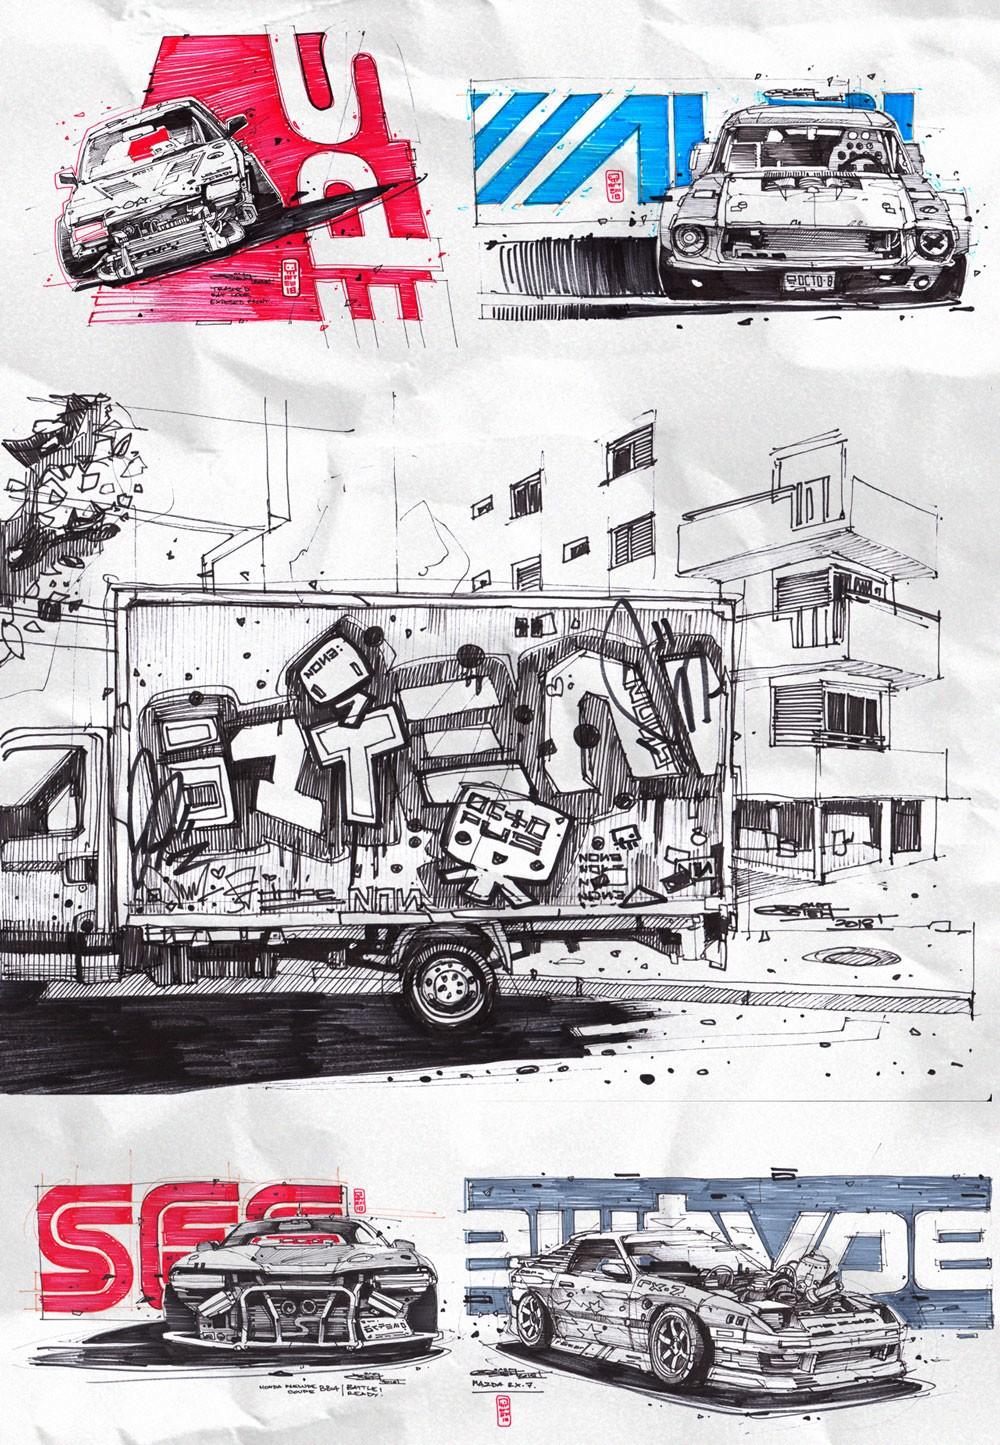 绚丽的涂鸦丨概念原画师Artem Solop作品2